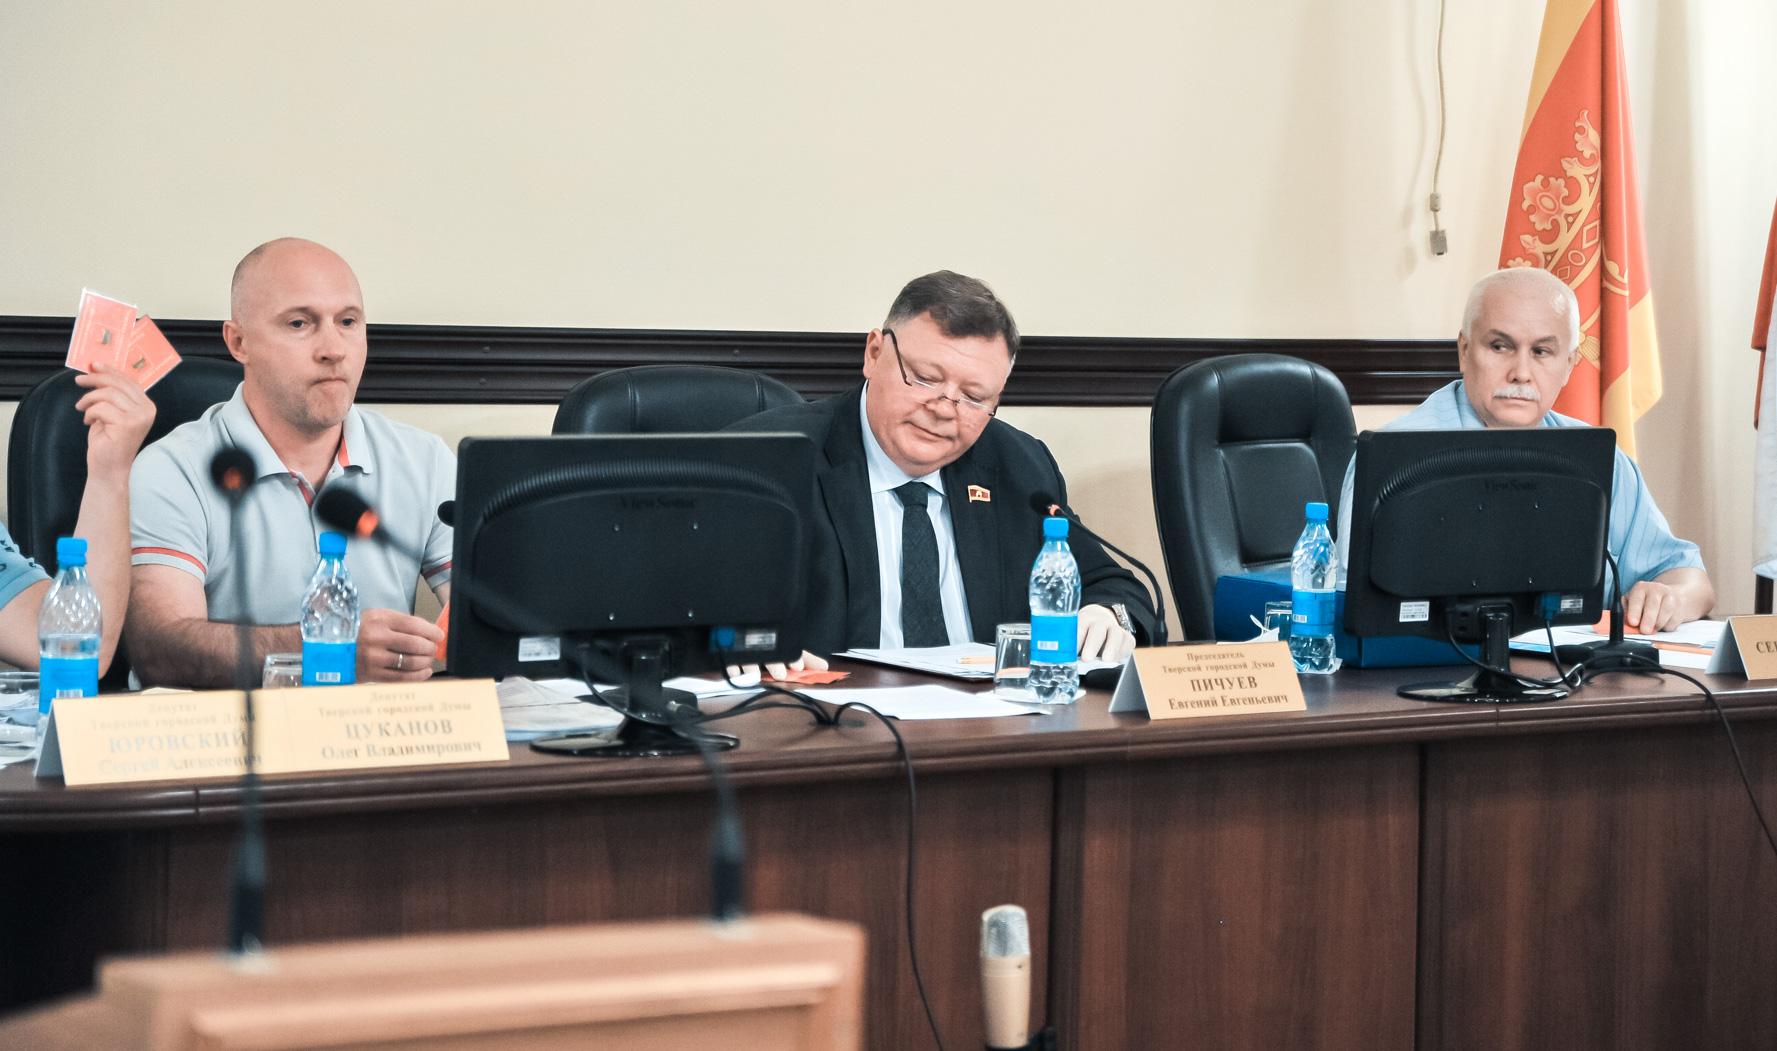 Снижение налогов для бизнеса, благодарности медикам, еще один Почетный гражданин Твери: состоялось очередное заседание гордумы - новости Афанасий